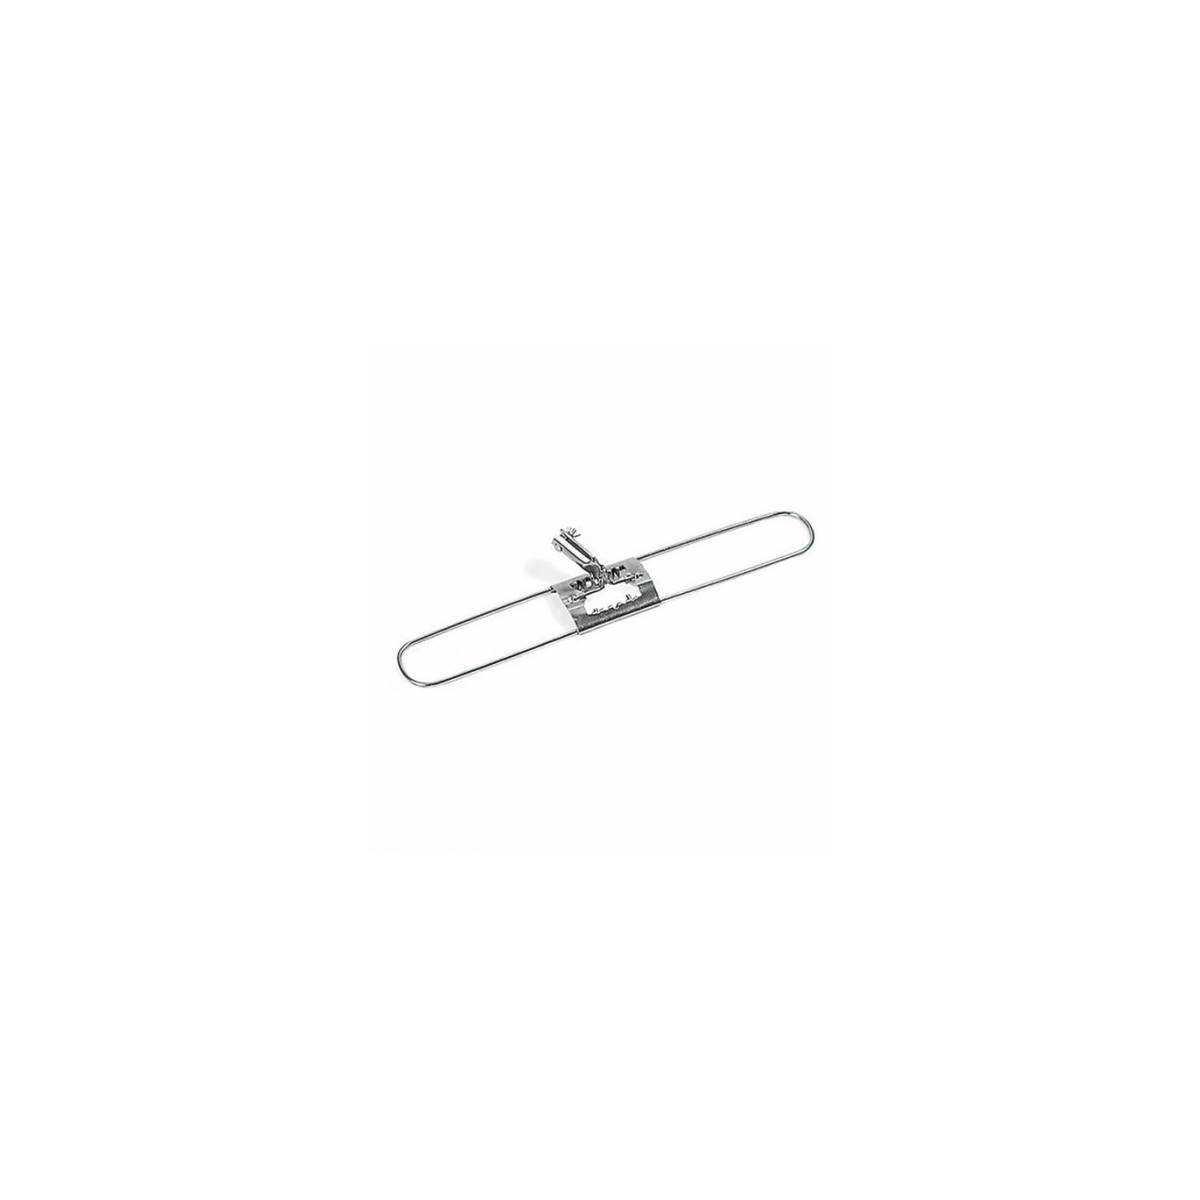 Основа для сухой уборки 60см (0812) 812 TTS